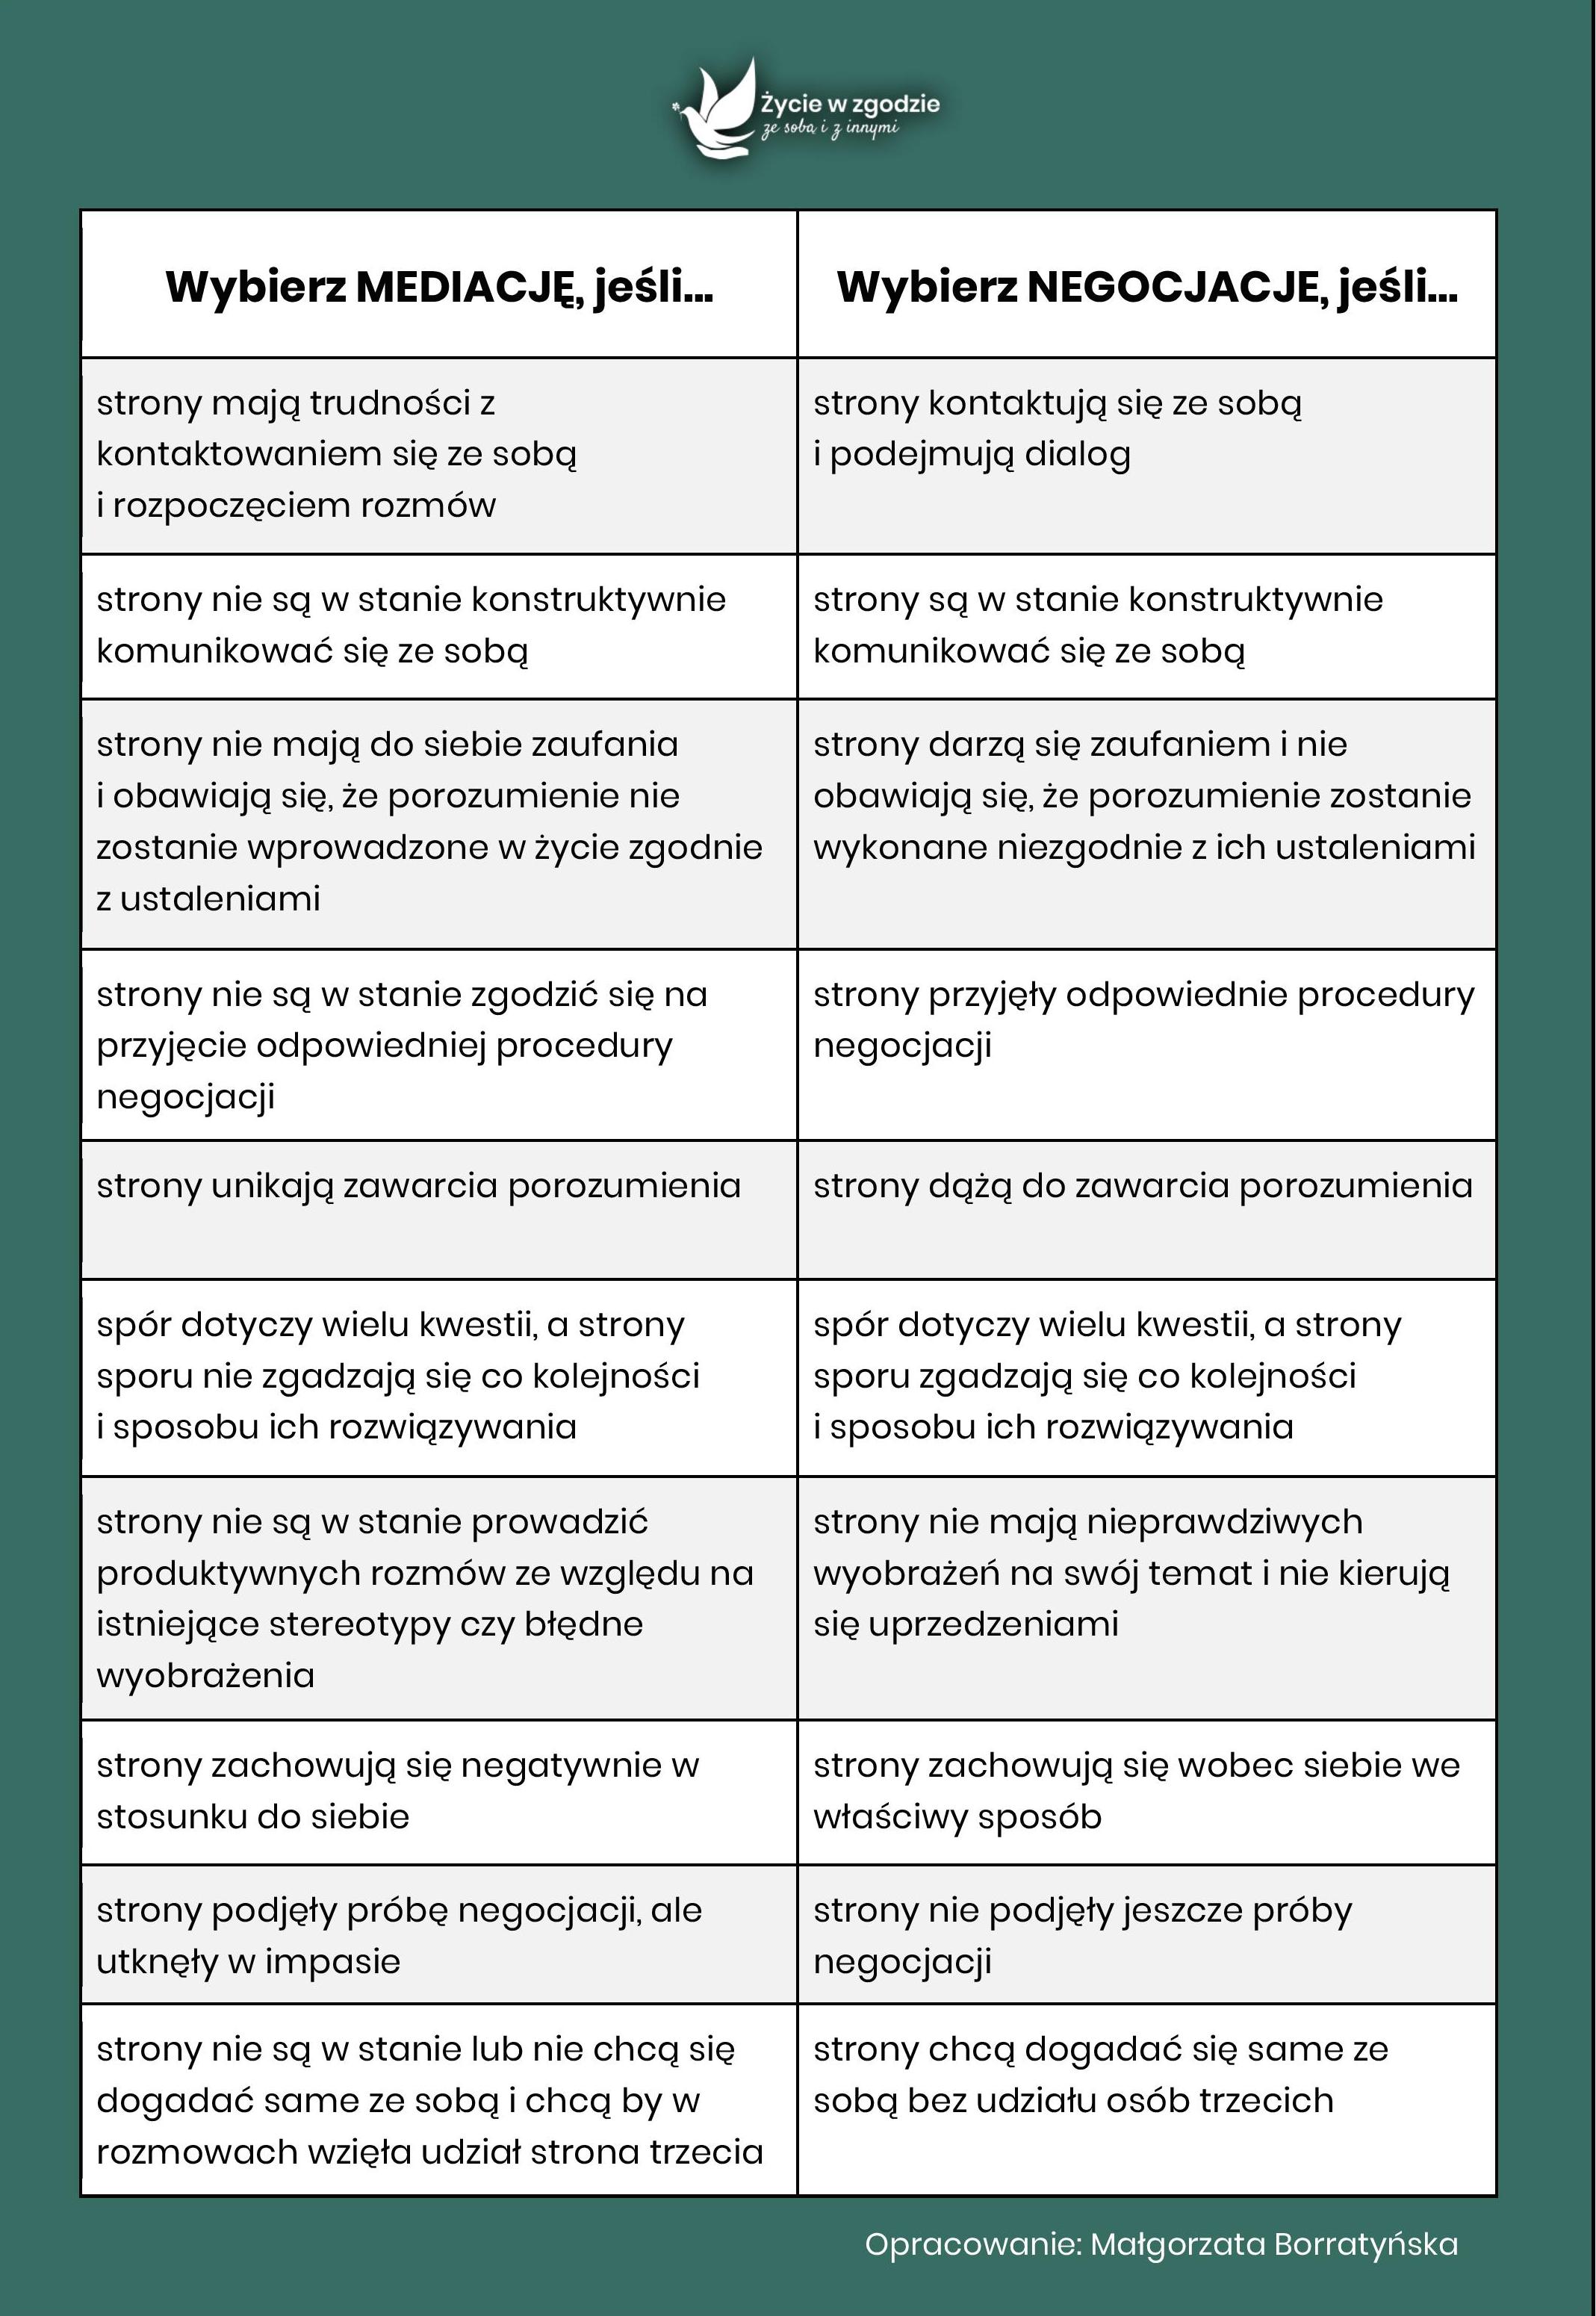 Mediacja a negocjacje - porównanie